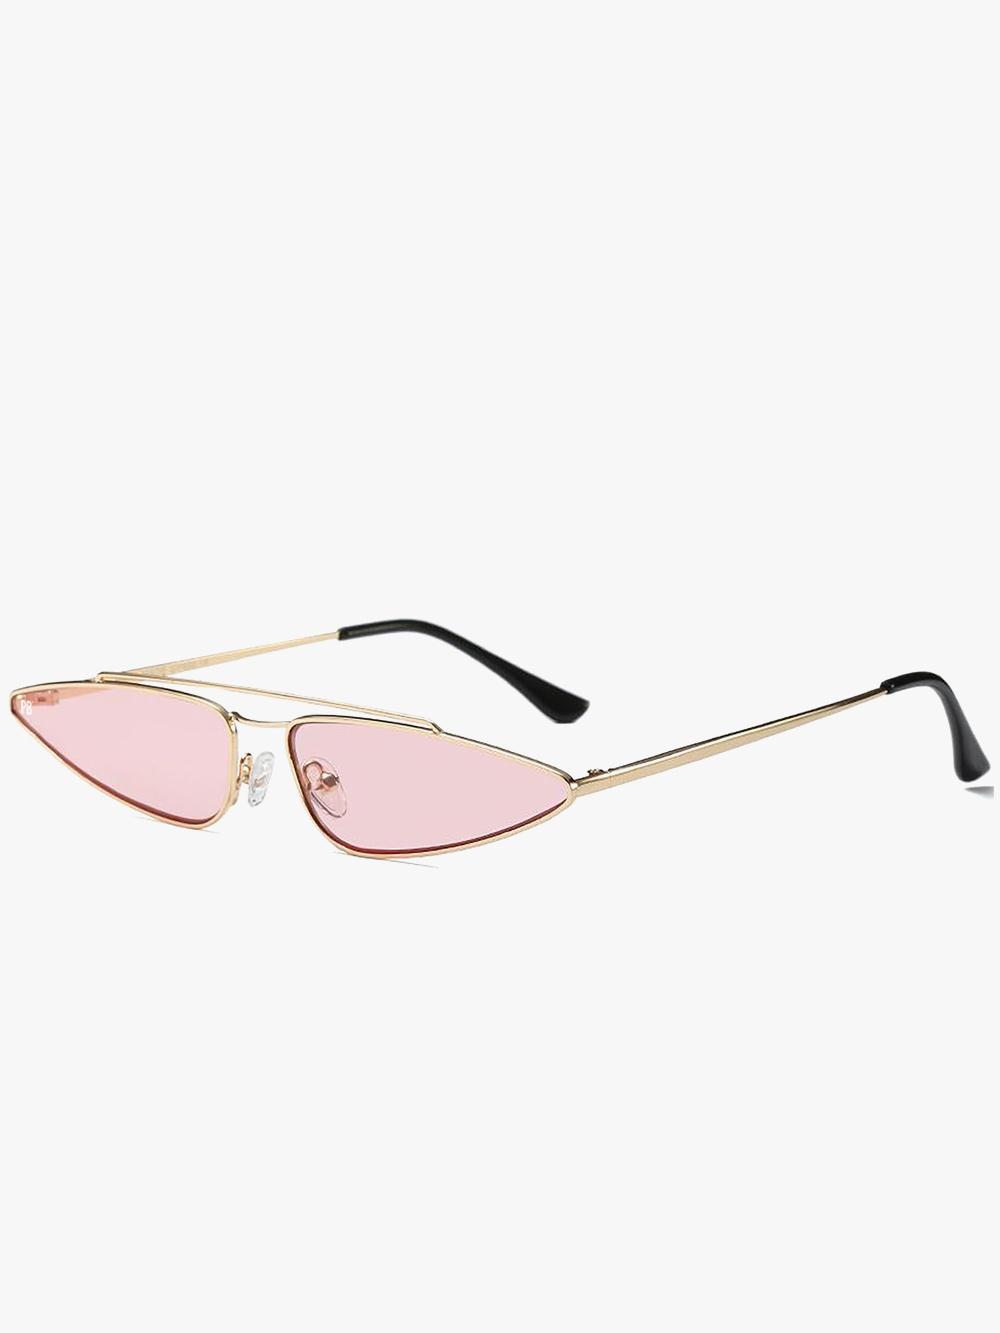 ivy-gold-pink-pillenbrillen